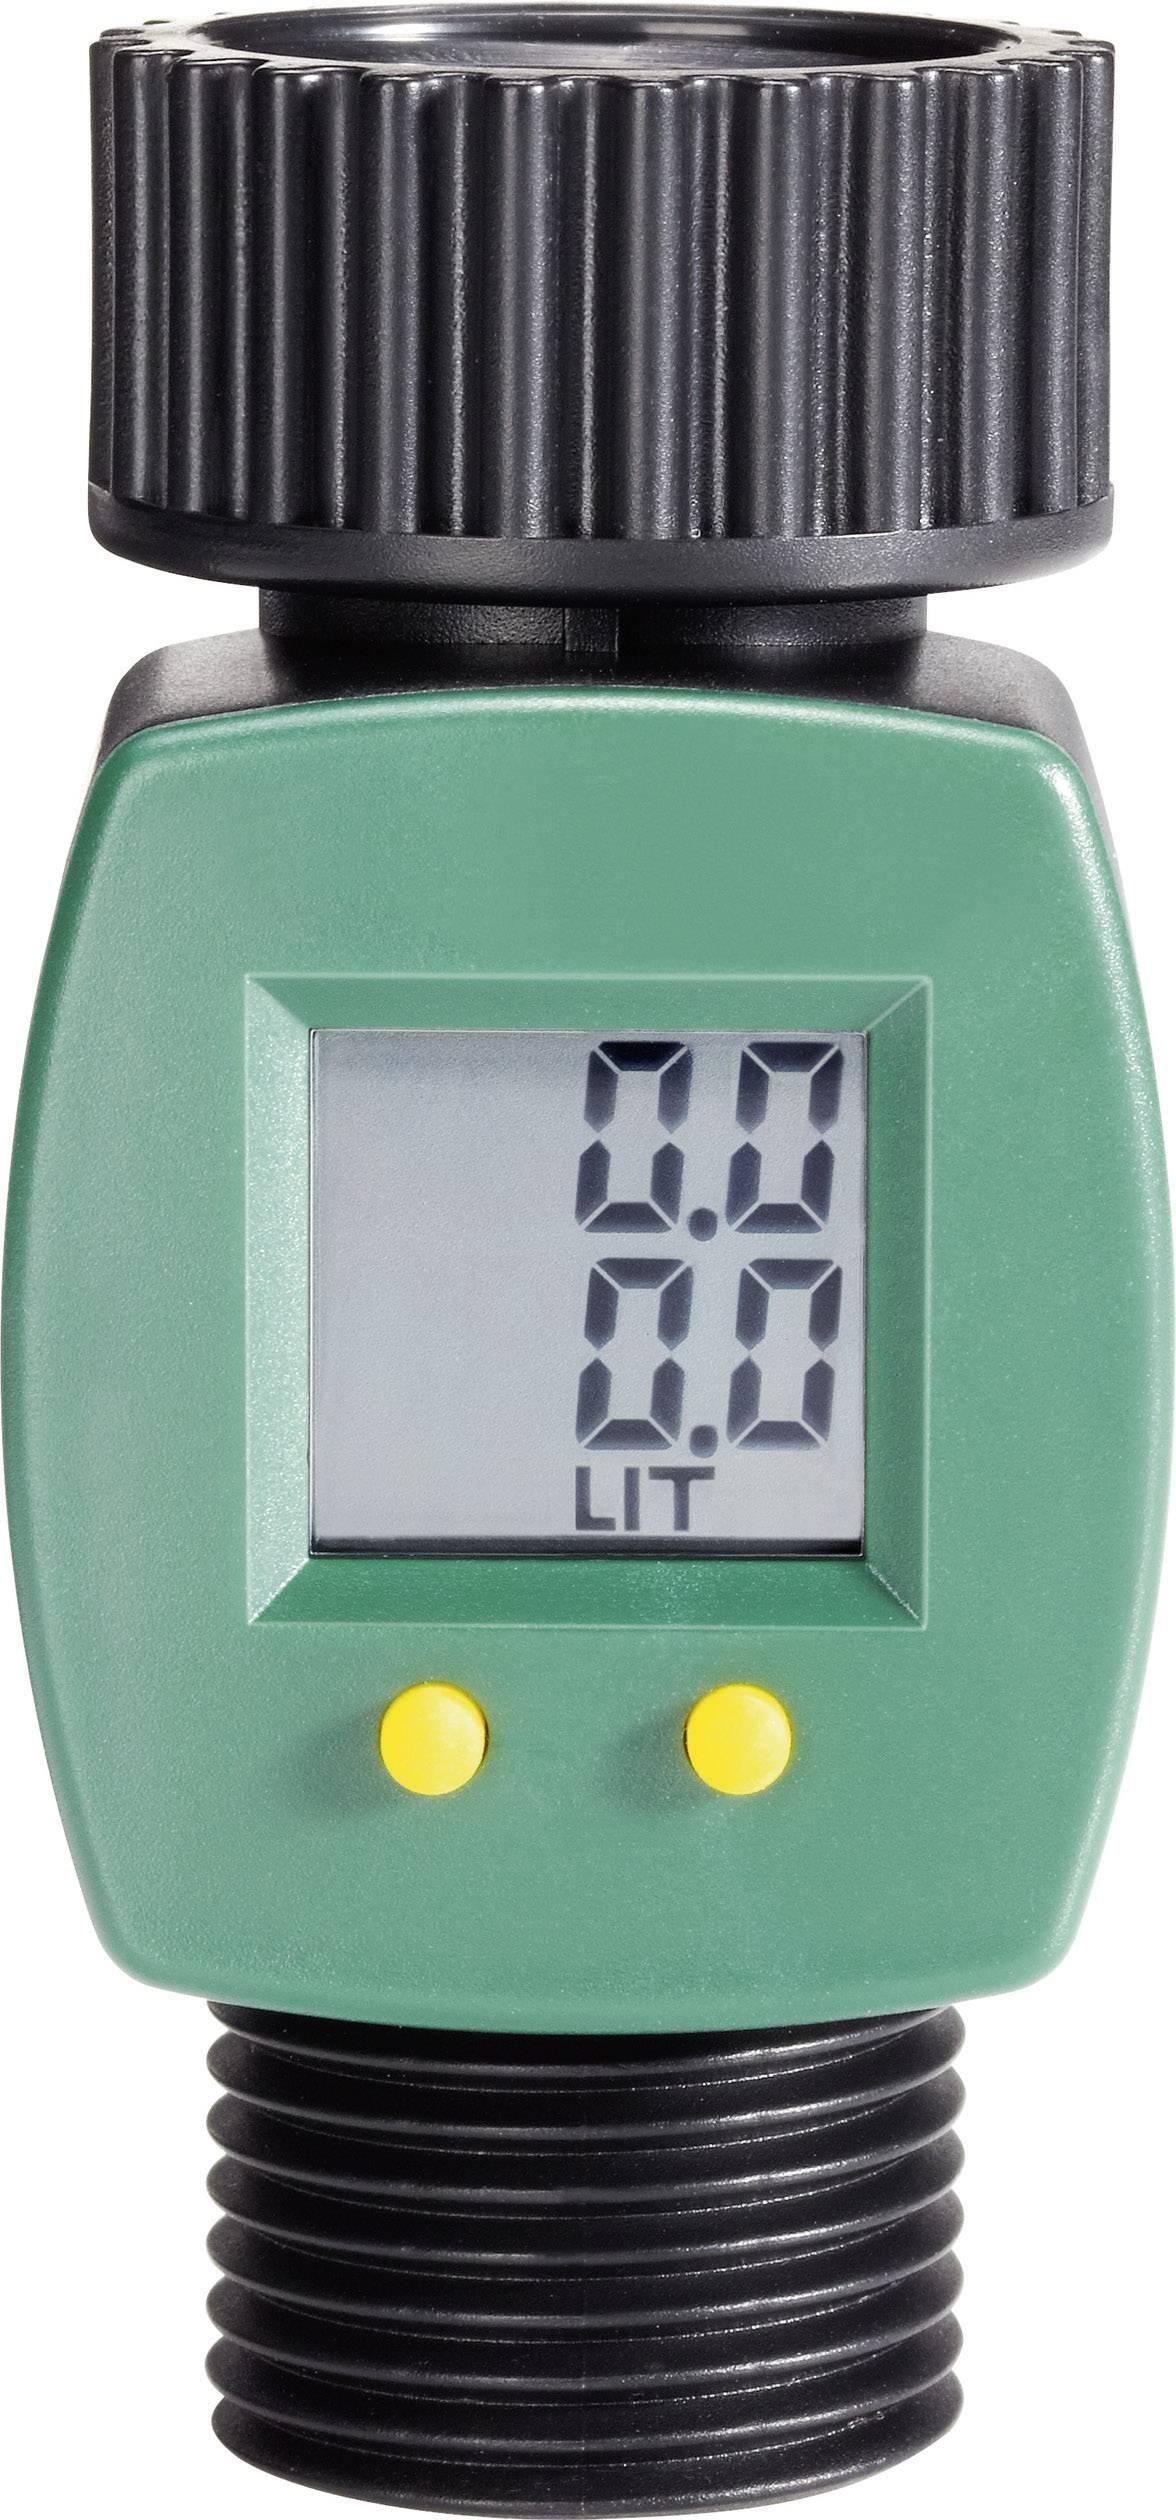 Digitálny prietokomer s LCD